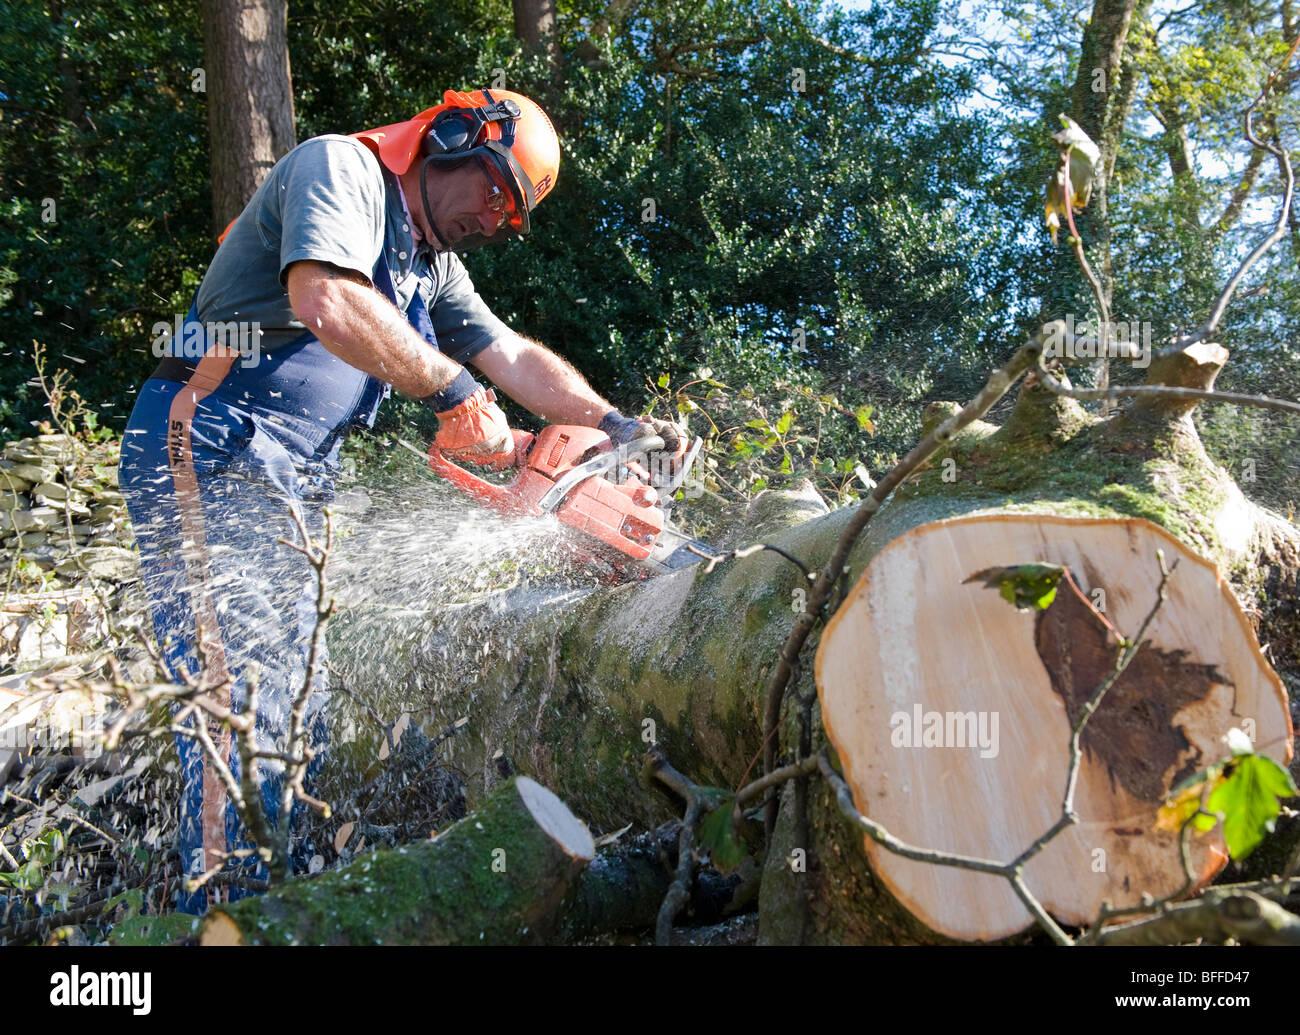 Kletterausrüstung Zum Bäume Fällen : Kletterausrüstung baum fällen und pflege b m wübben